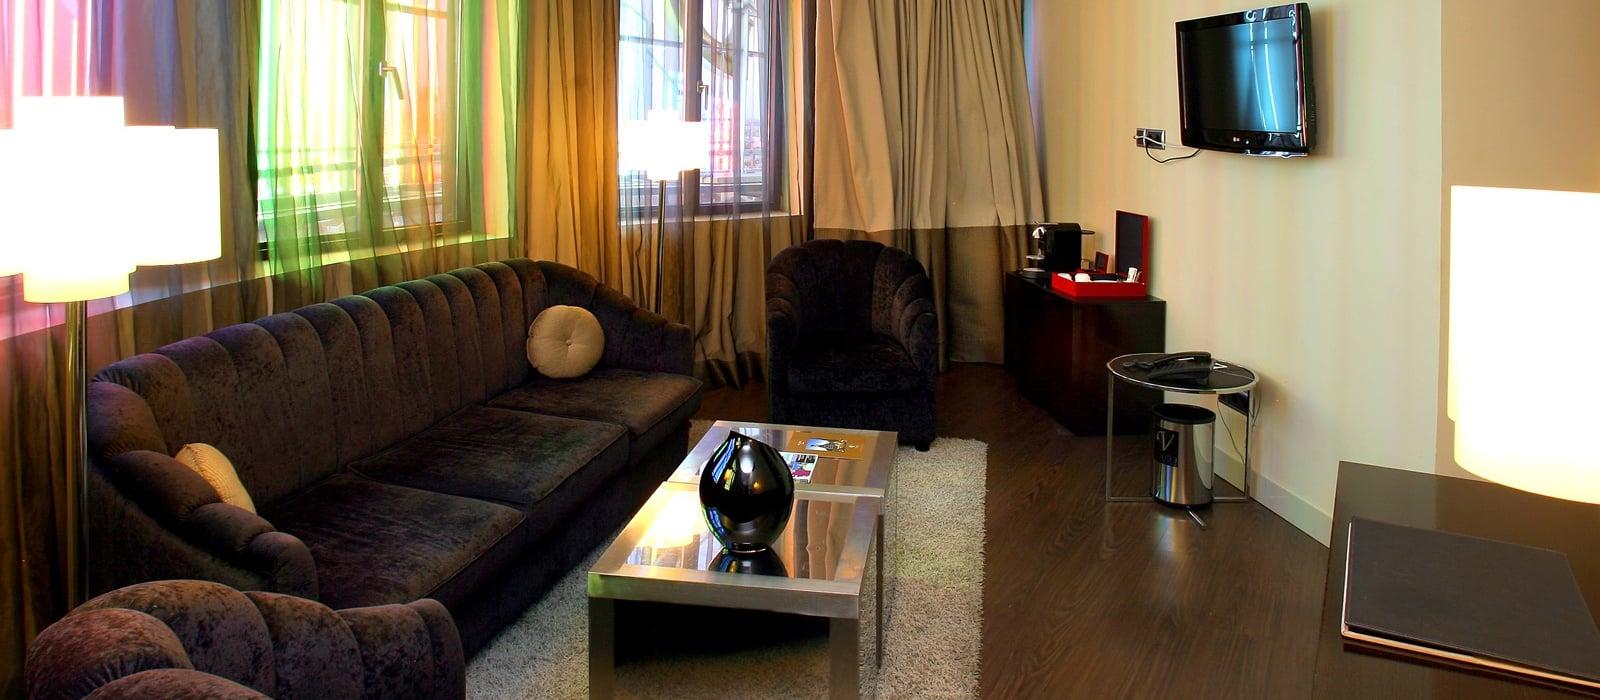 Madrid Hotelangebote Vincci Capitol - Jetzt buchen und 20% sparen!